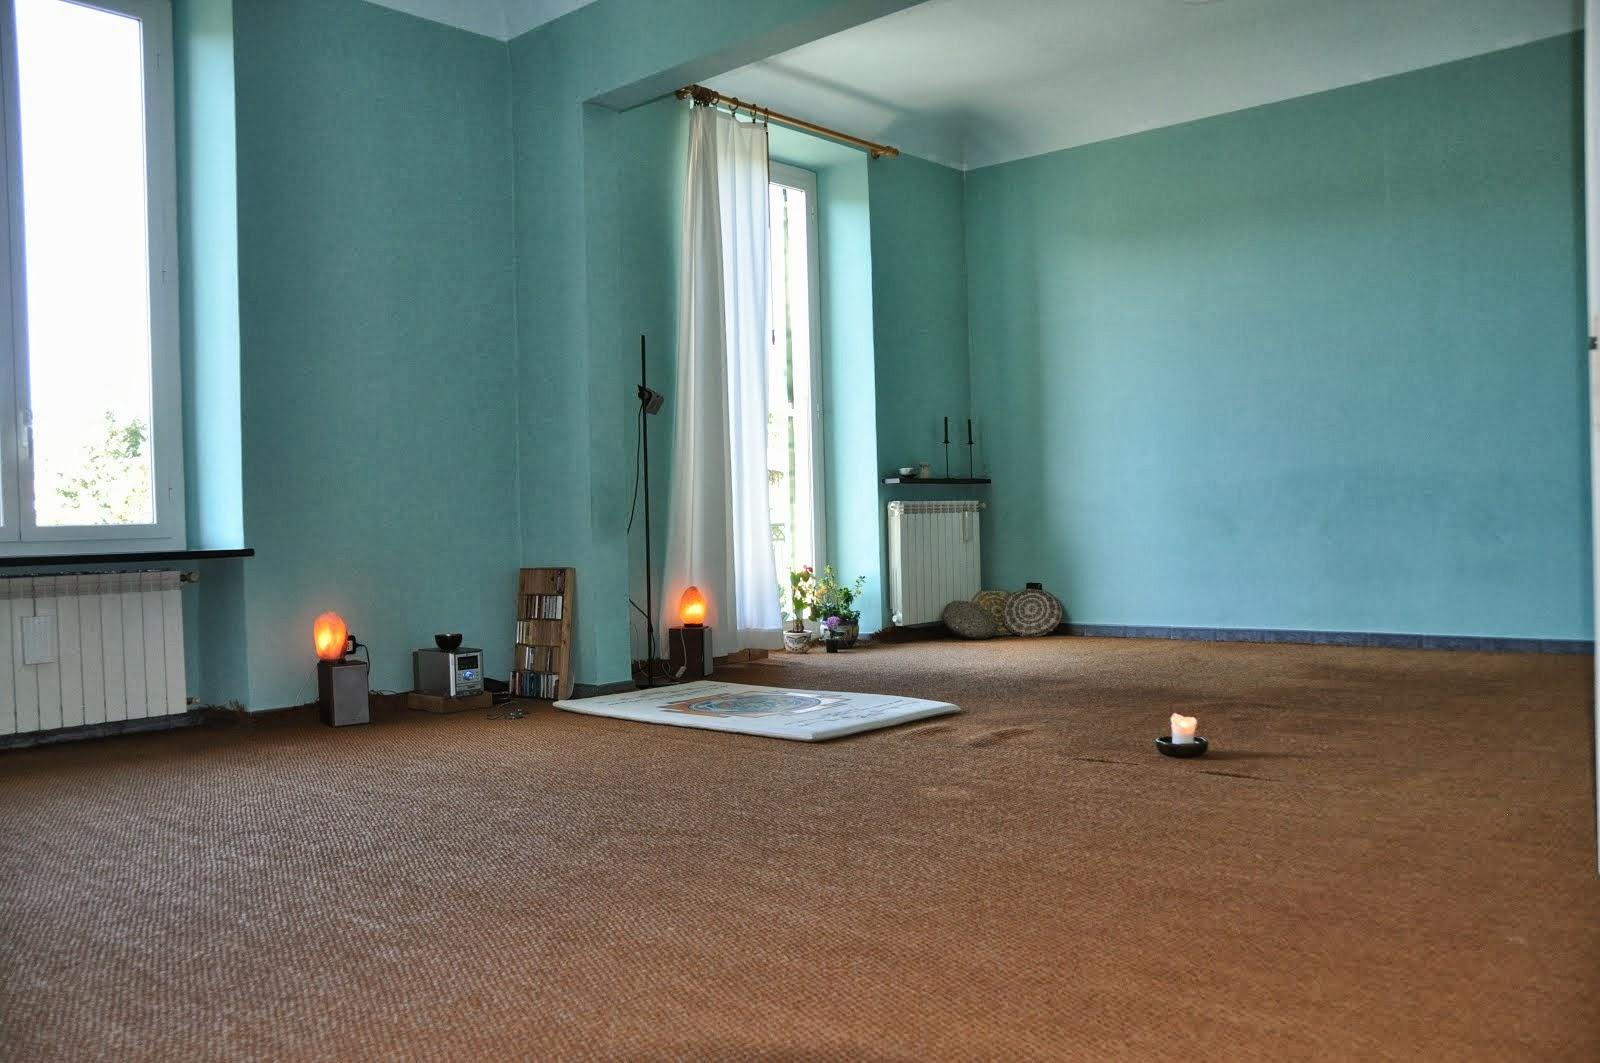 La sala di pratica del Cerchio